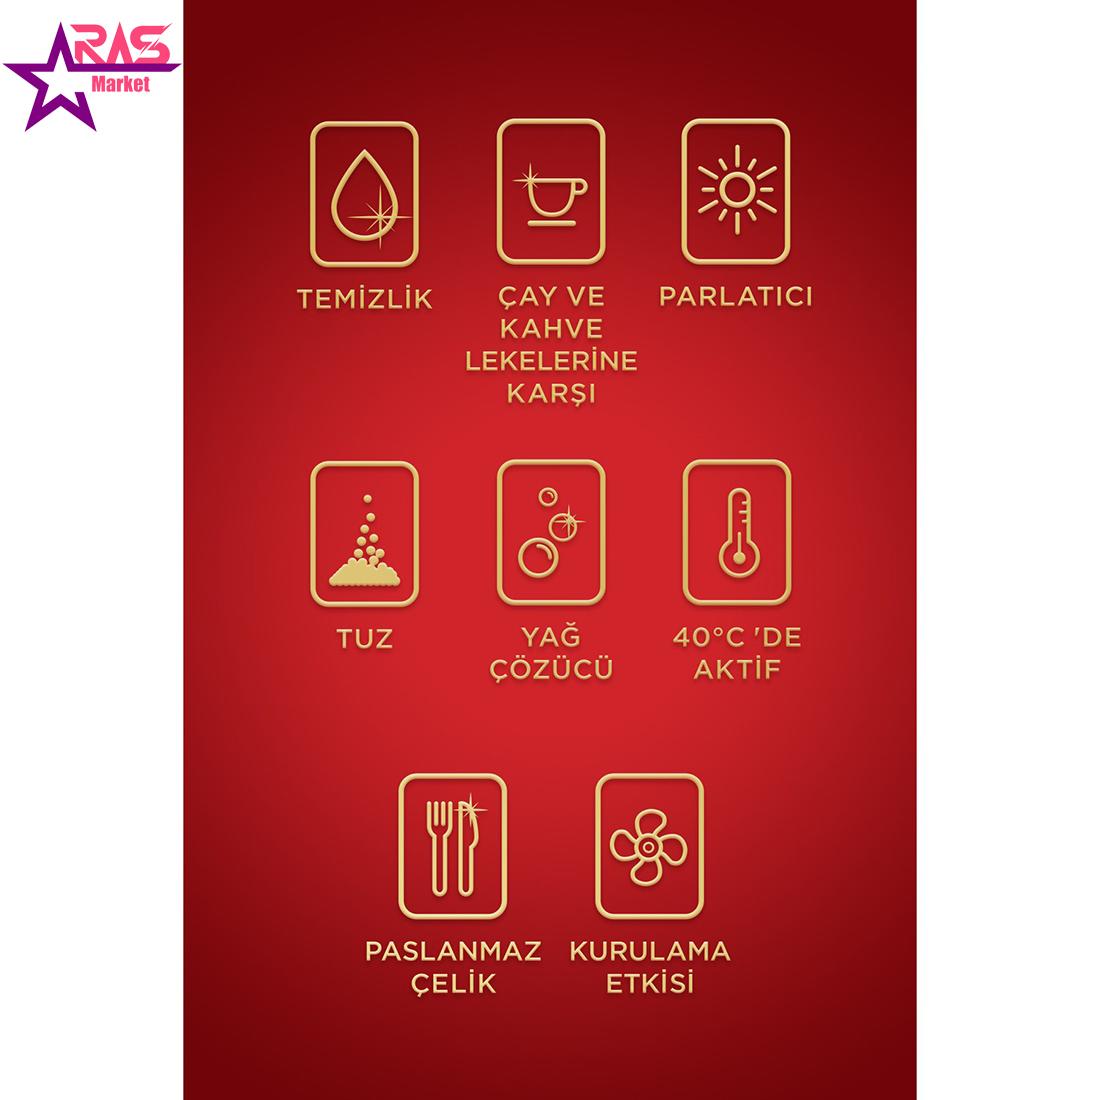 قرص ماشین ظرفشویی پریل طلایی 70 عددی ، فروشگاه اینترنتی ارس مارکت ، قرص ماشین ظرفشویی پریل مدل gold